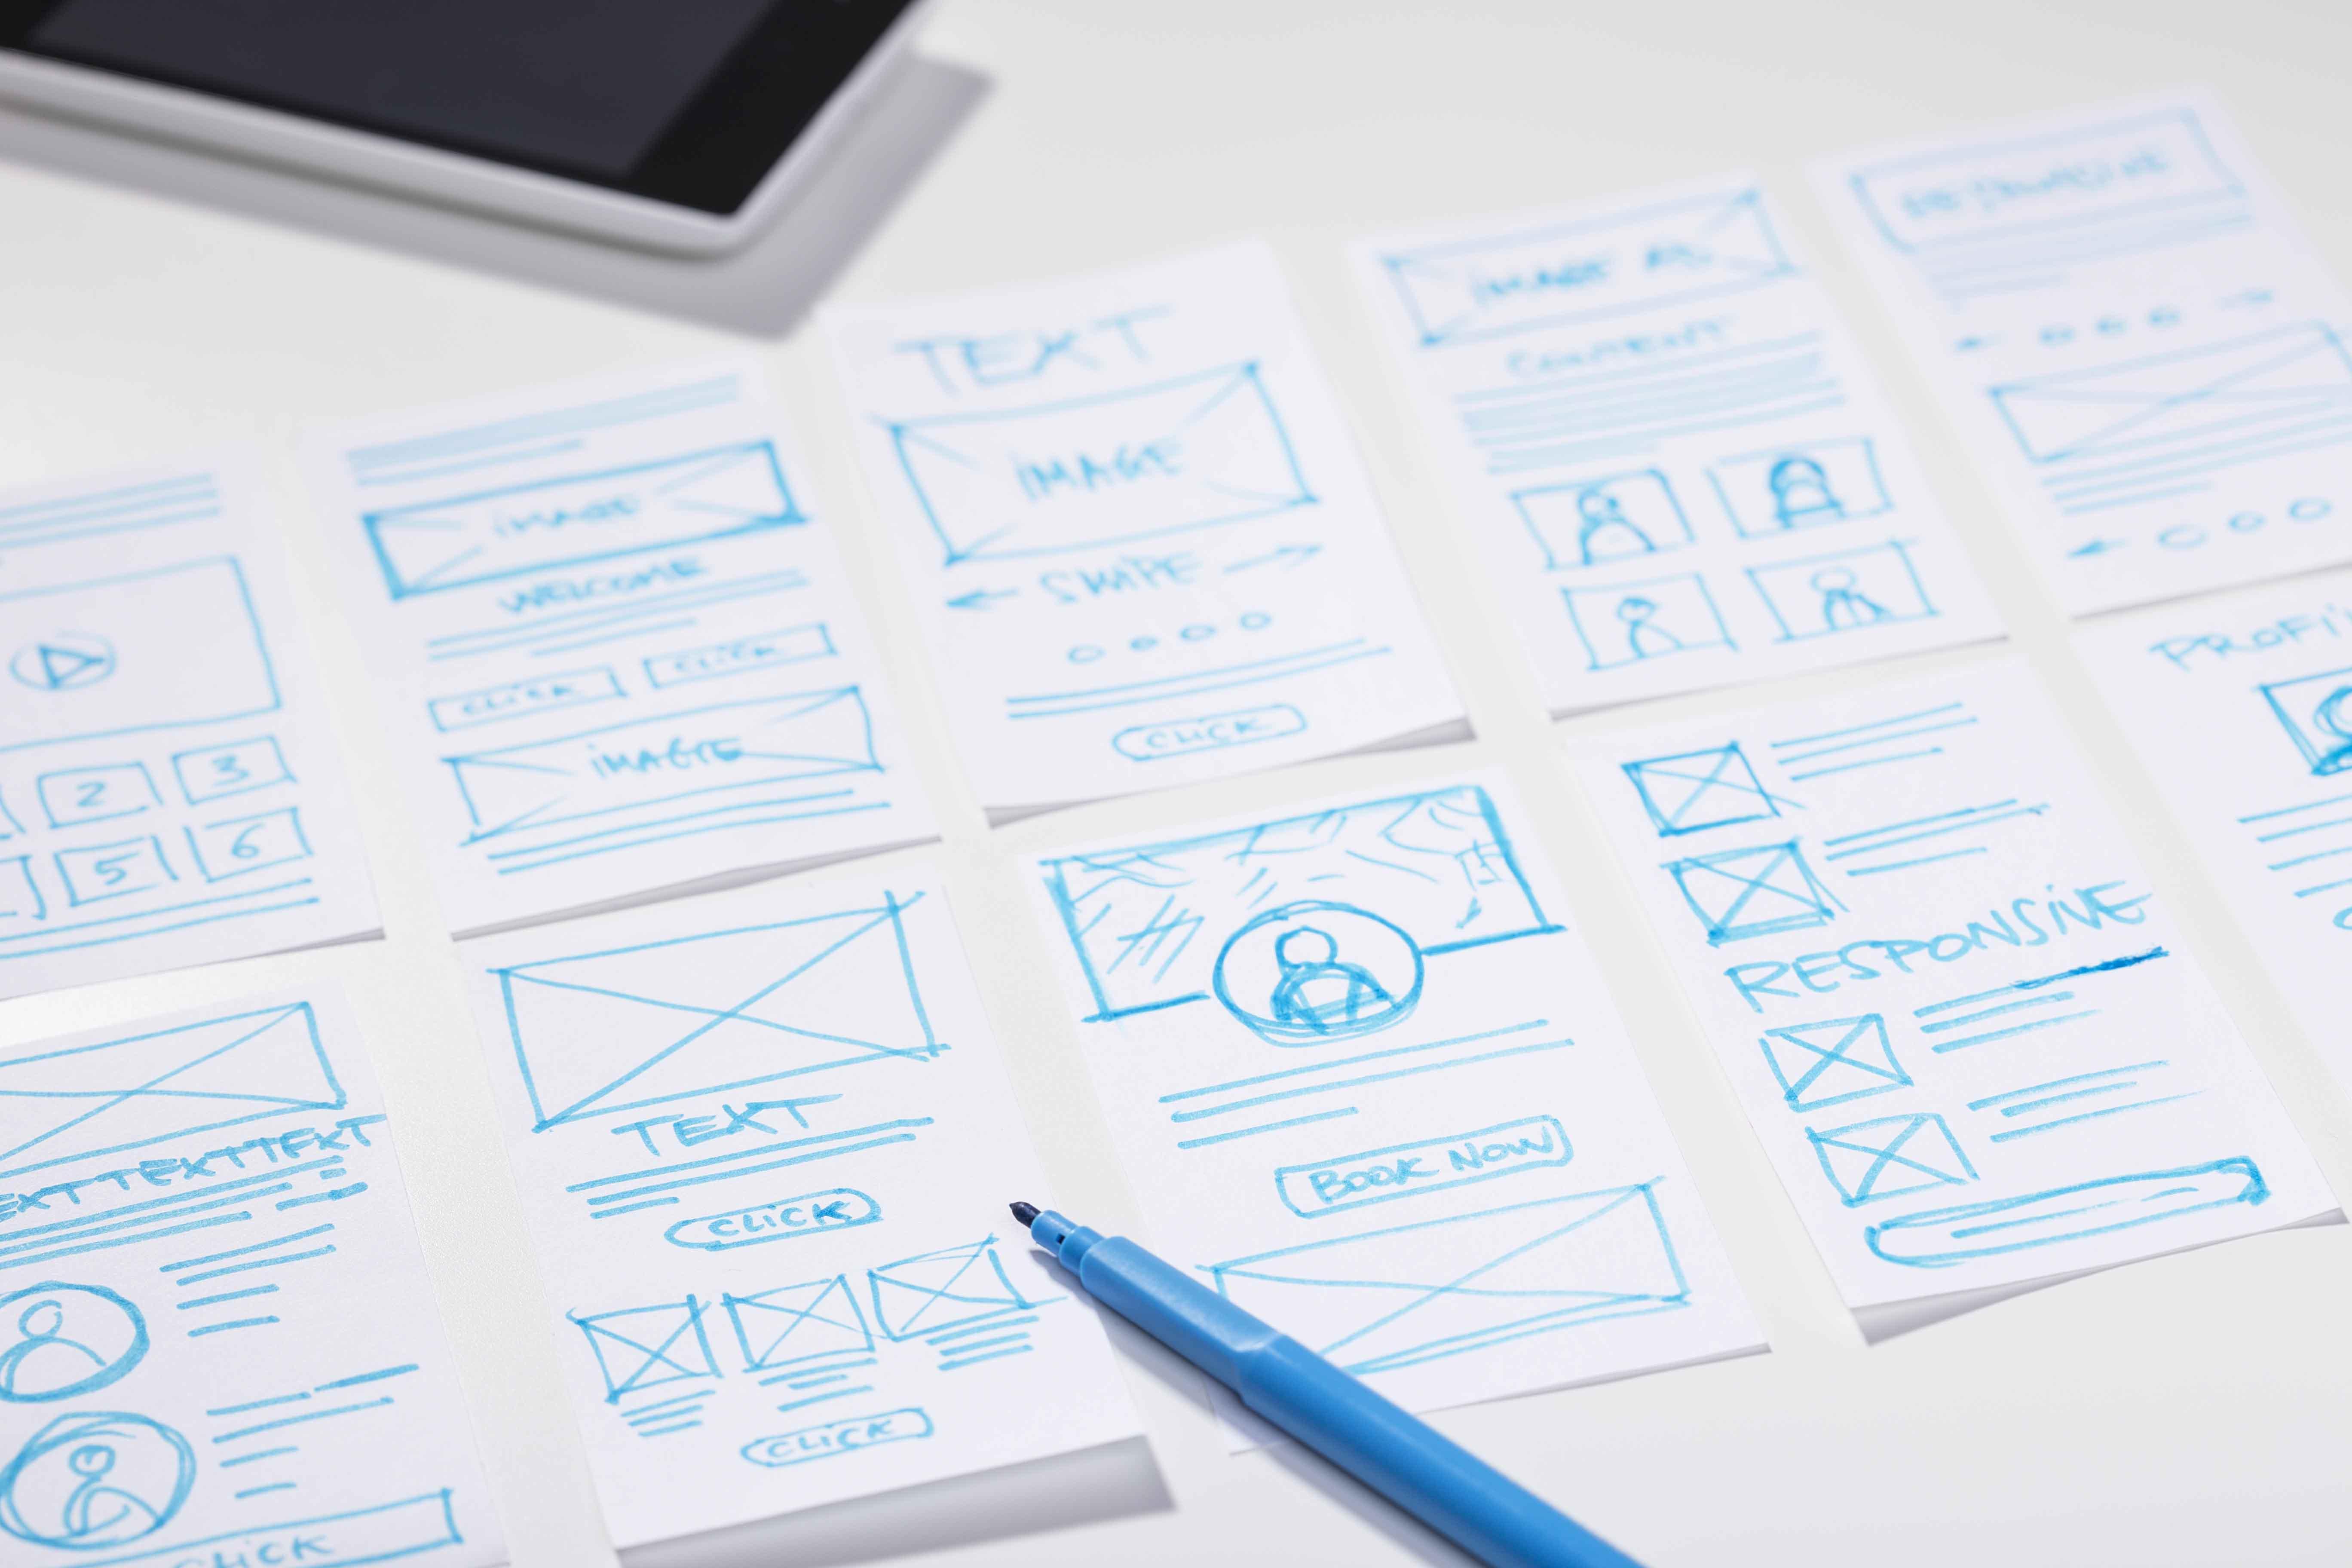 Boceto del diseño de una app